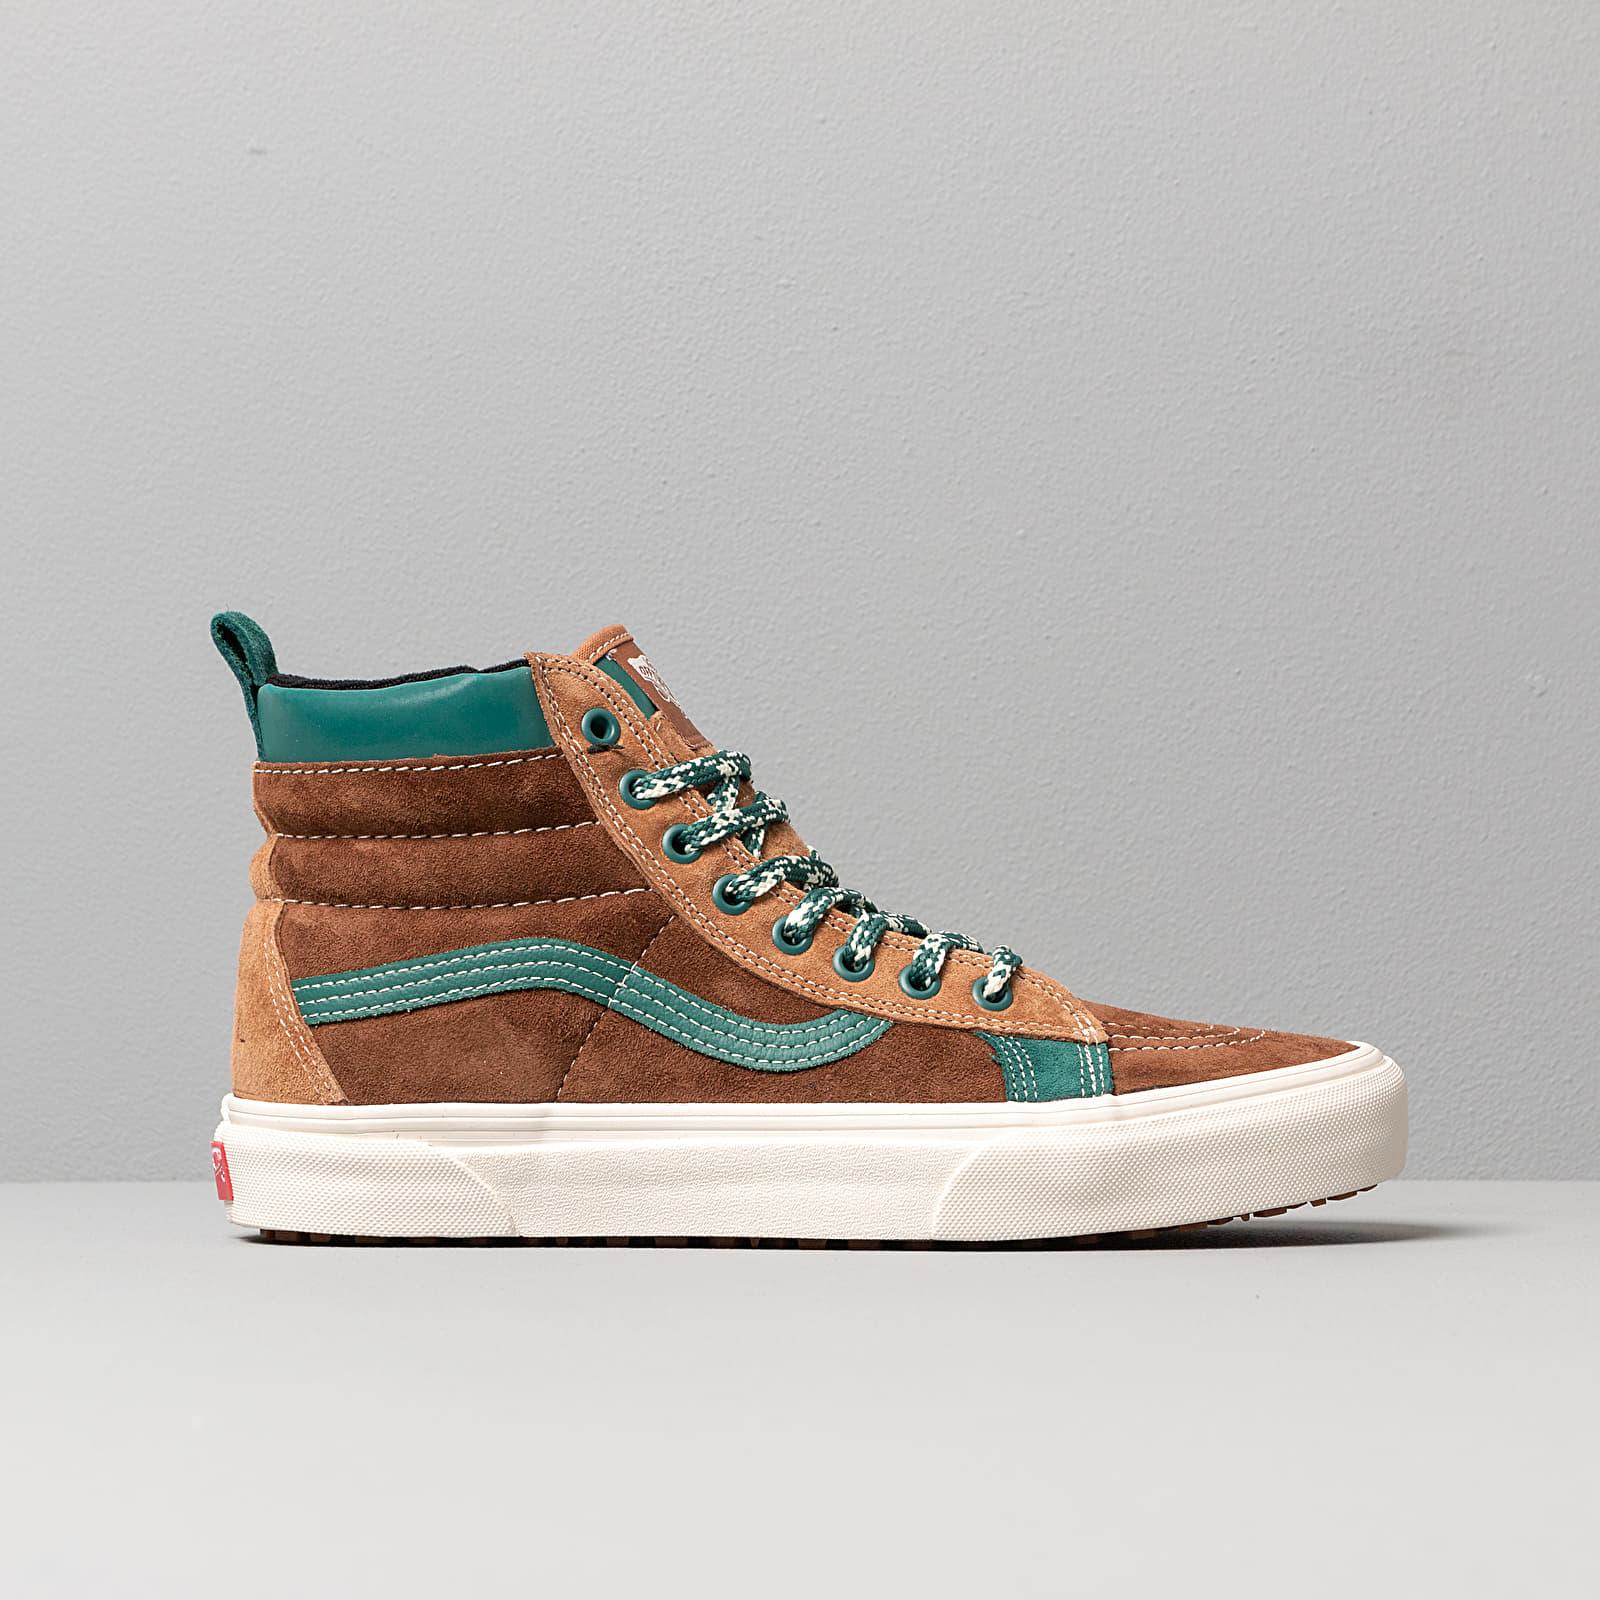 men s shoes vans sk8 hi mte lx vssl mte kit brown green footshop vans sk8 hi mte lx vssl mte kit brown green footshop